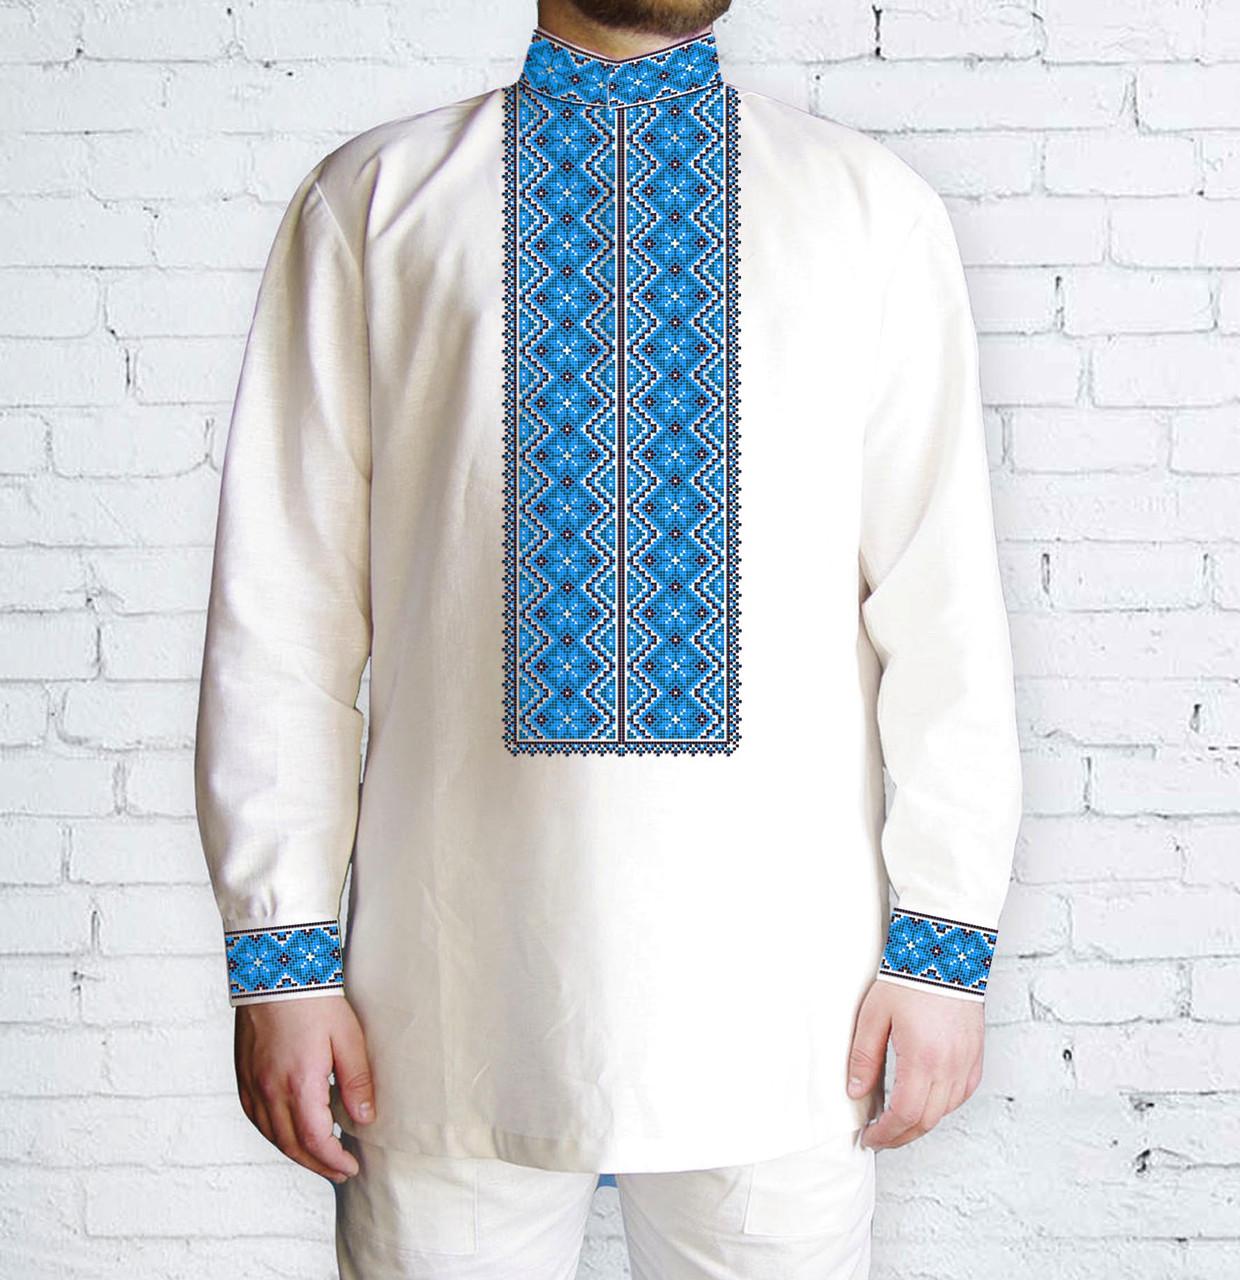 Заготовка чоловічої сорочки та вишиванки для вишивки чи вишивання бісером Бисерок «Ромби голубі 510 Г» (Ч-510 Г )